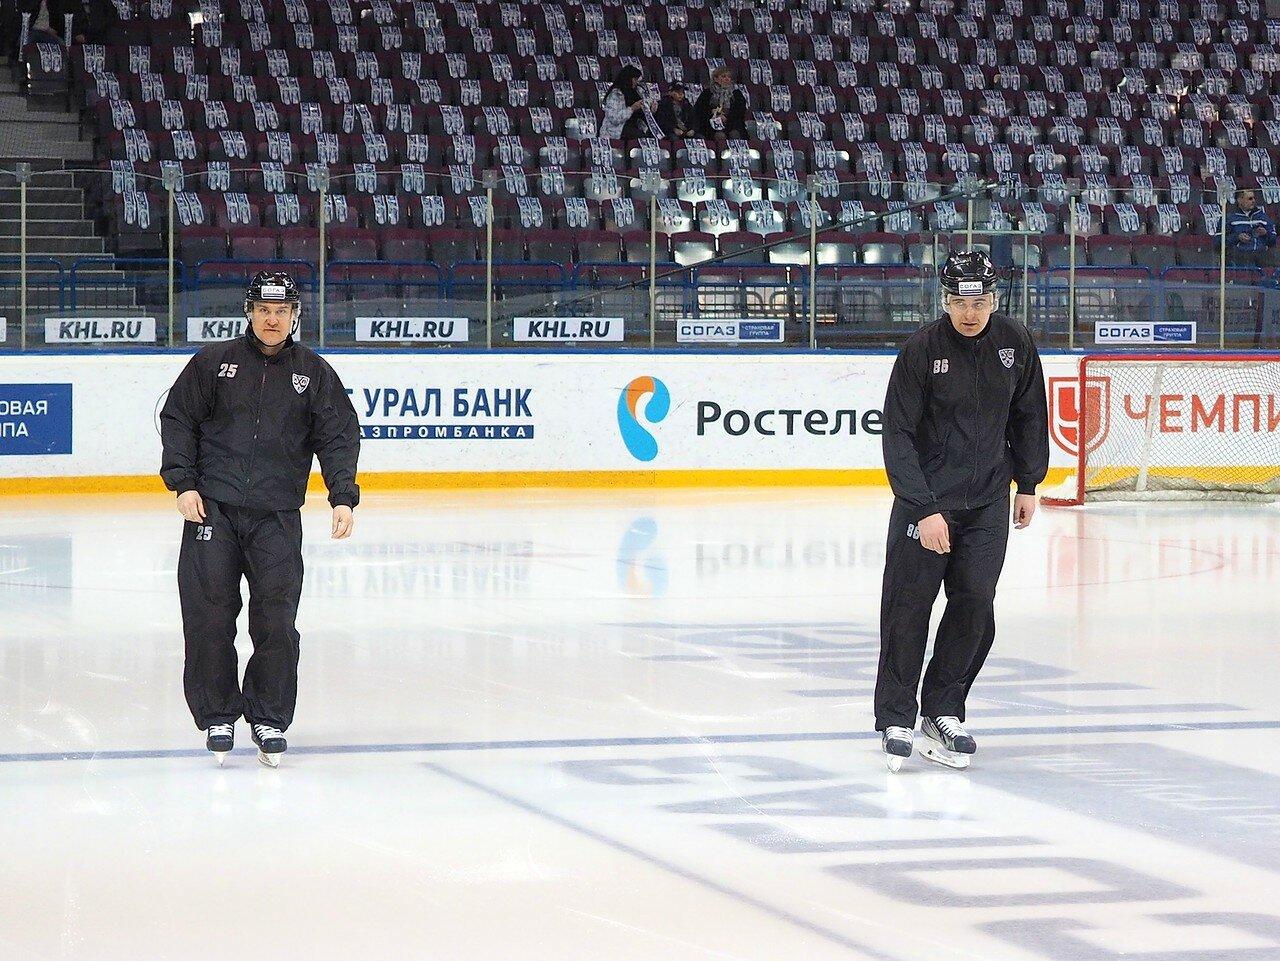 6 Первая игра финала плей-офф восточной конференции 2017 Металлург - АкБарс 24.03.2017